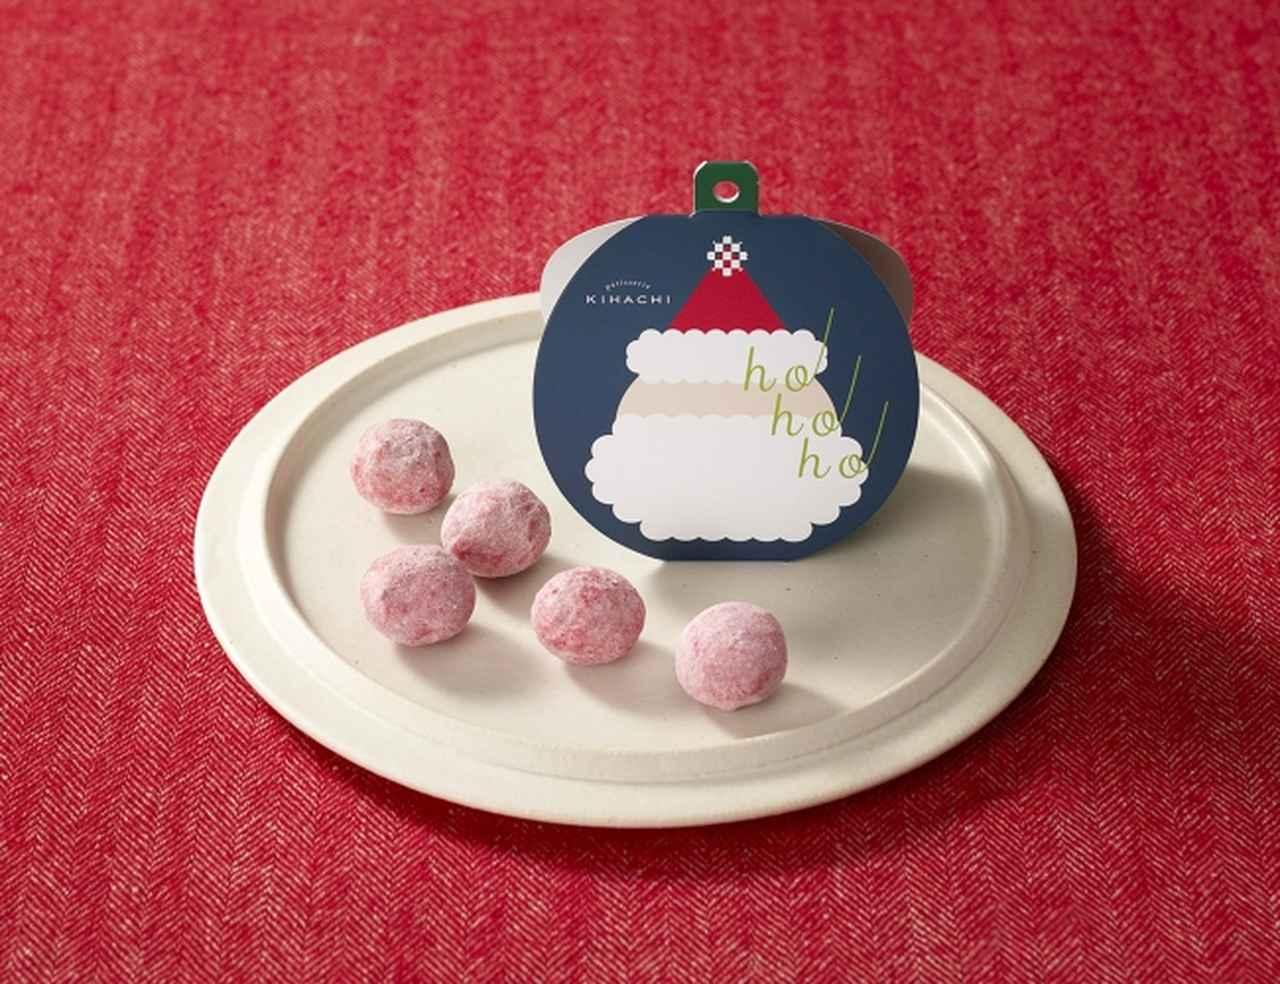 画像17: 【パティスリー キハチ】2019 クリスマスケーキ、限定ポーチに入った伝統菓子「シュトーレン」など可愛いクリスマスギフトも発売